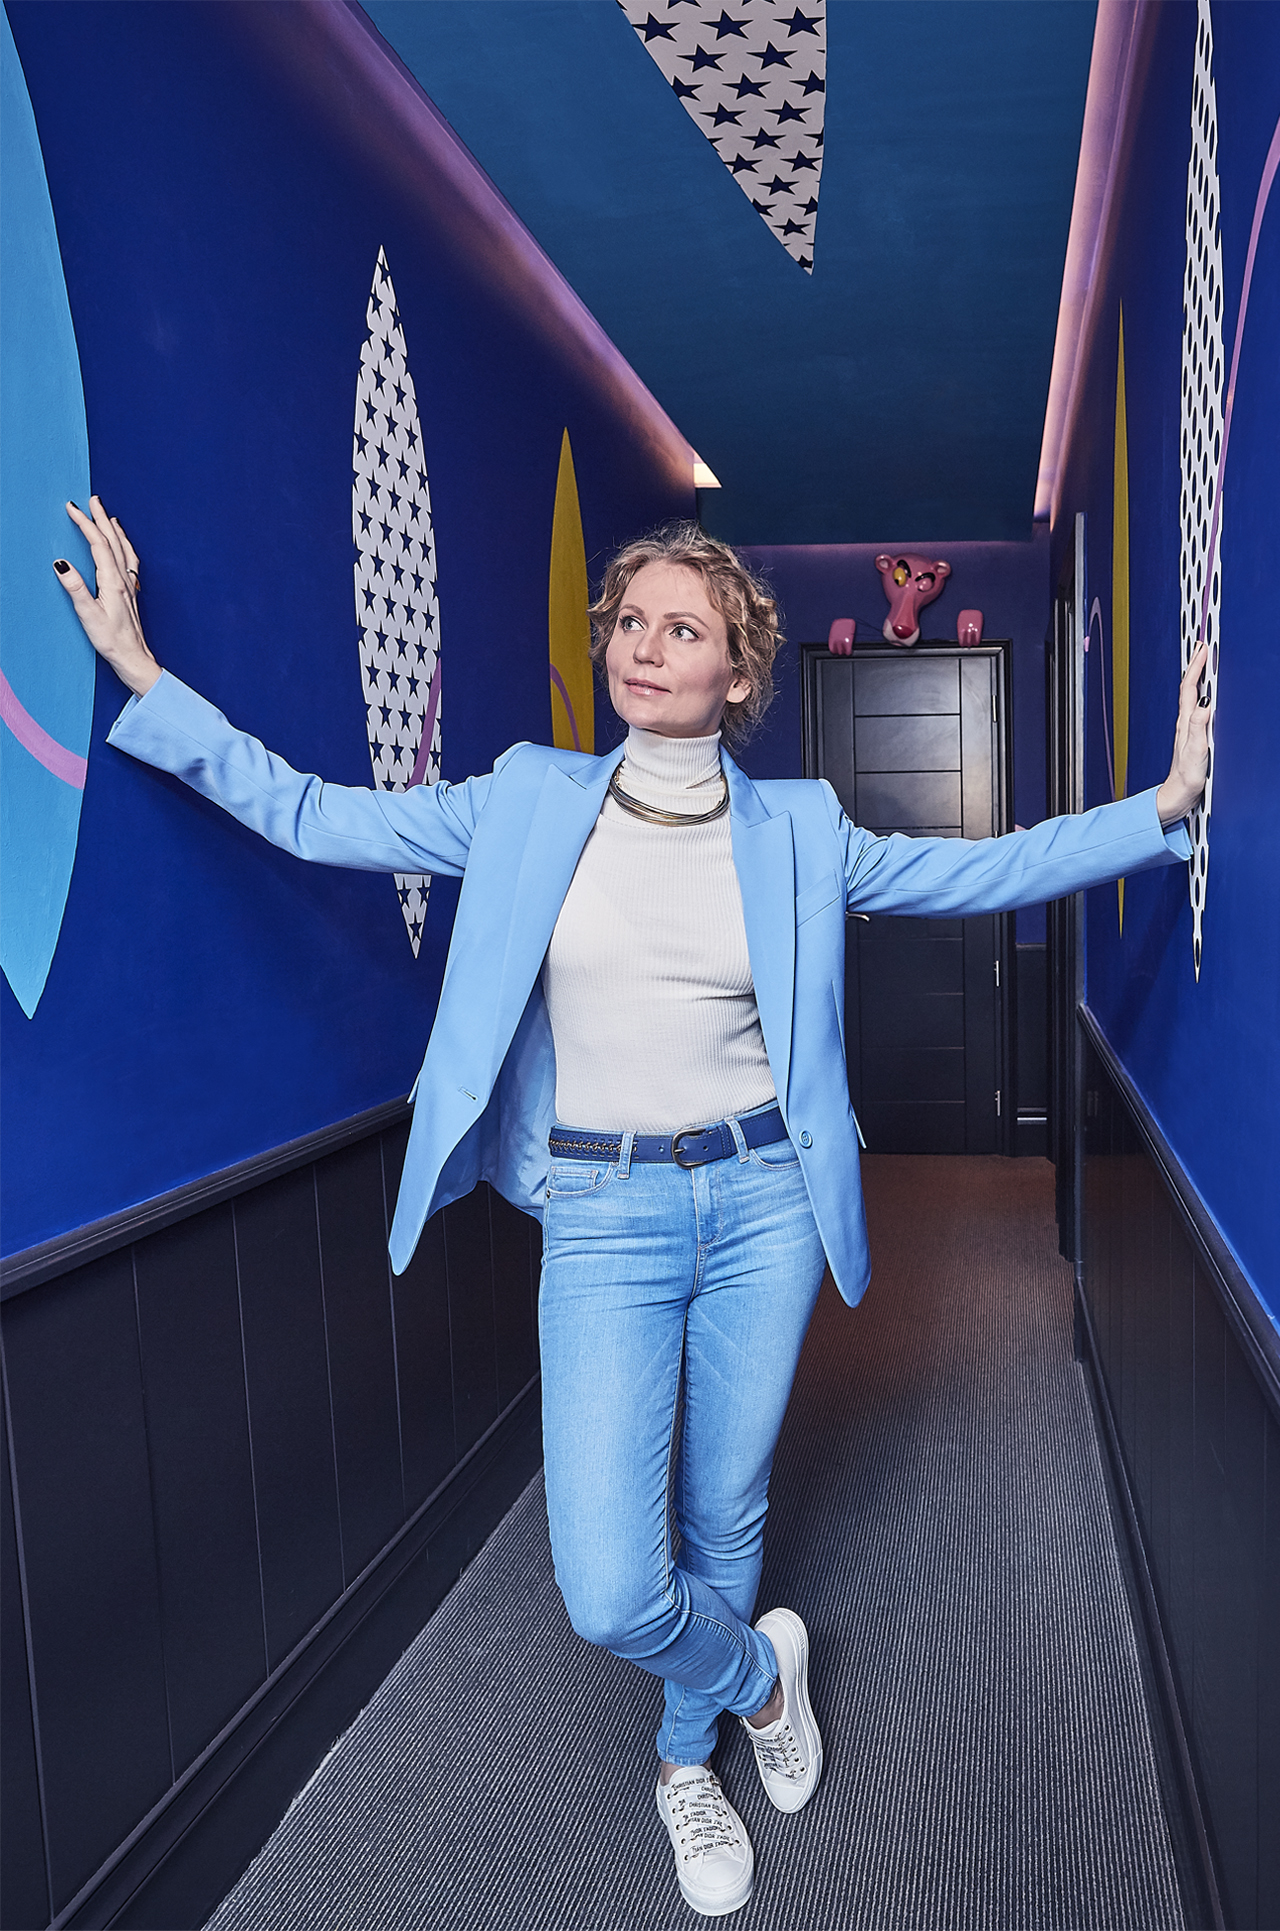 Artist Olga Lomaka at the Exhibitionist